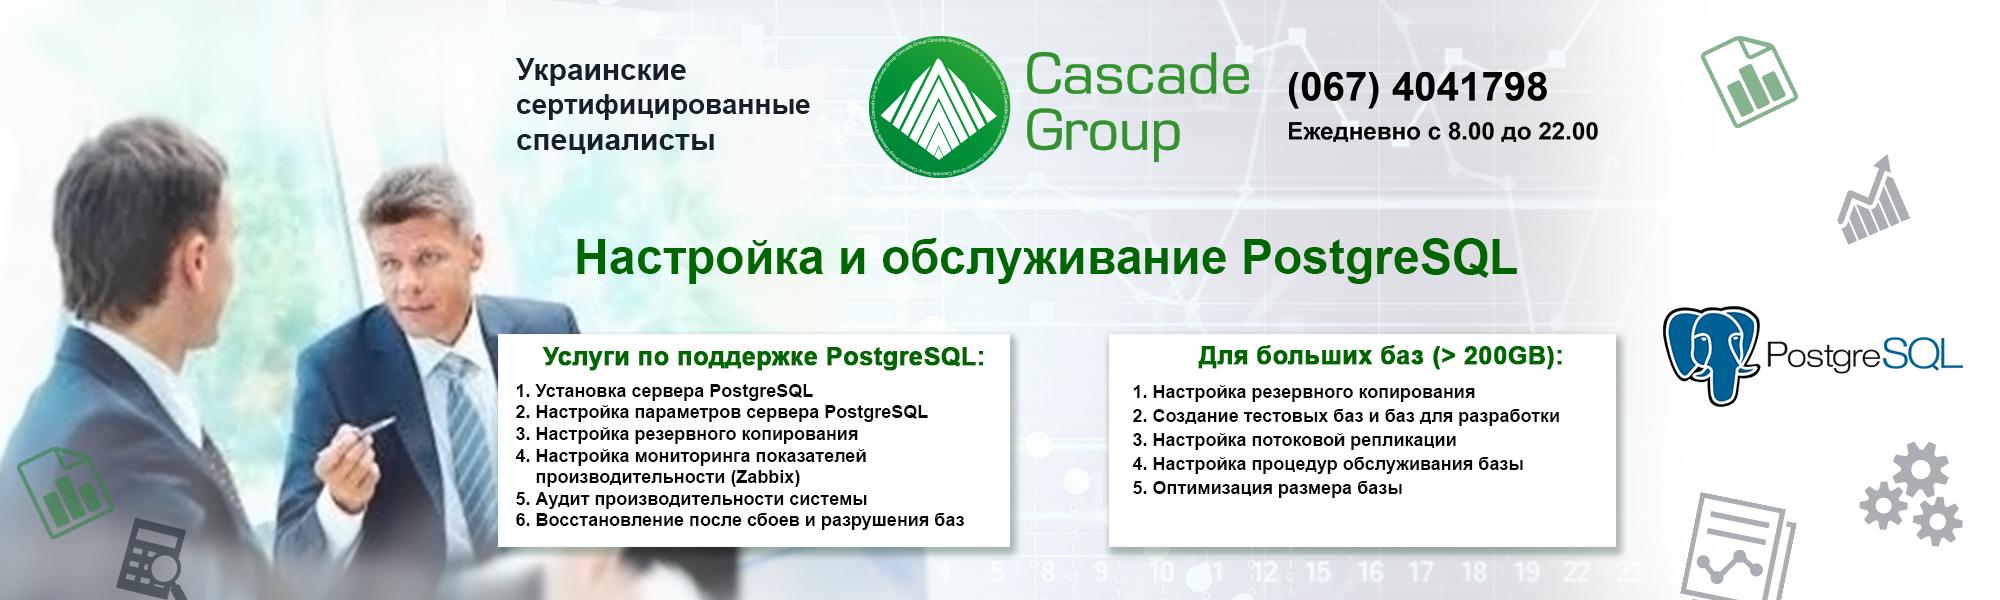 Настройка и поддержка PostgreSQL